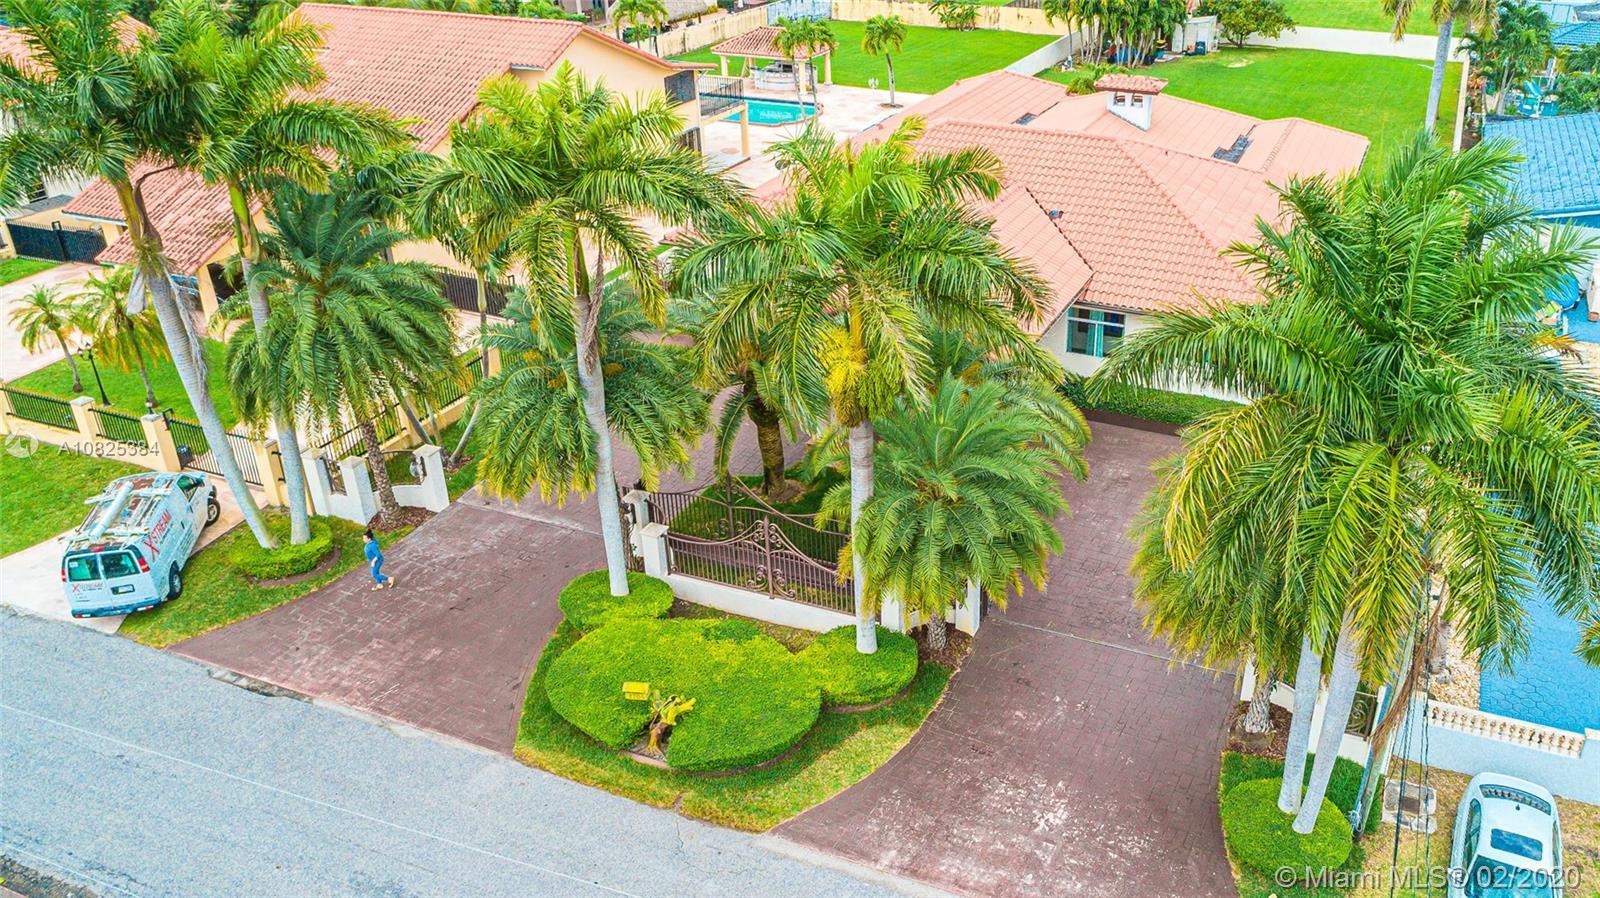 2704 SW 115th Ave, Miami, FL 33165